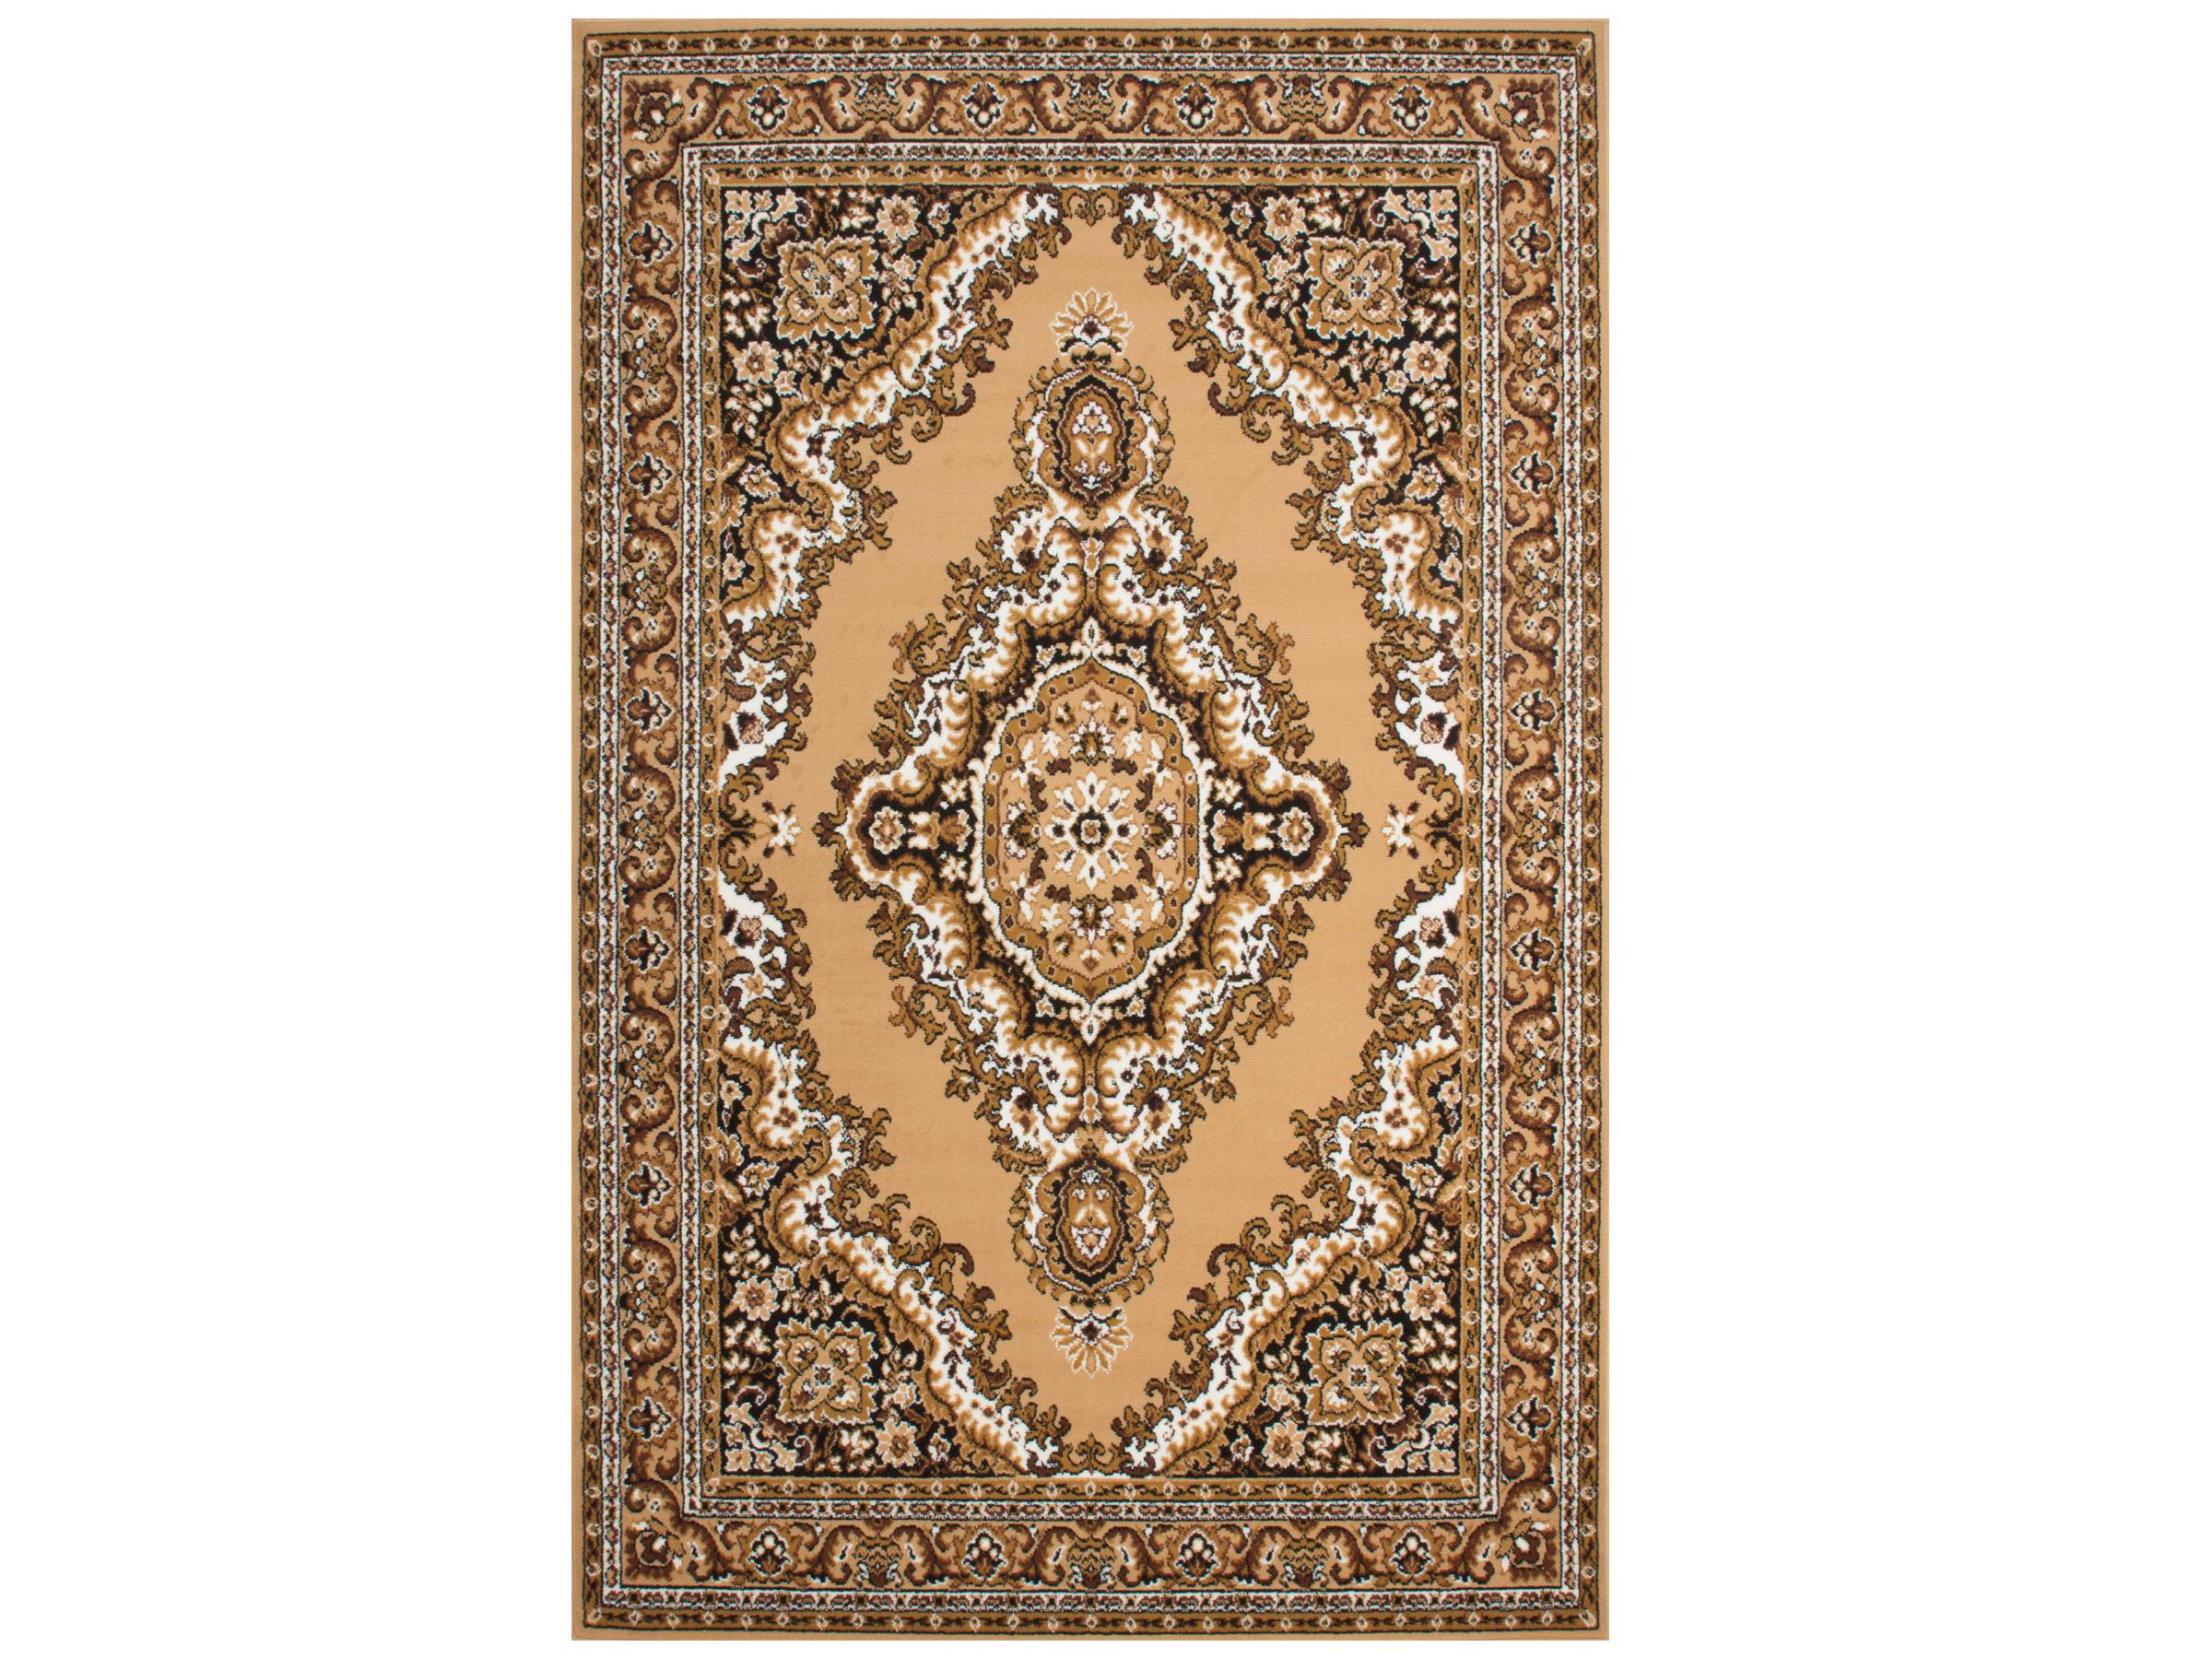 Rood Tapijt Aanbiedingen : Perzisch tapijt kopen? perzisch tapijt iran beige kameraankleden.nl